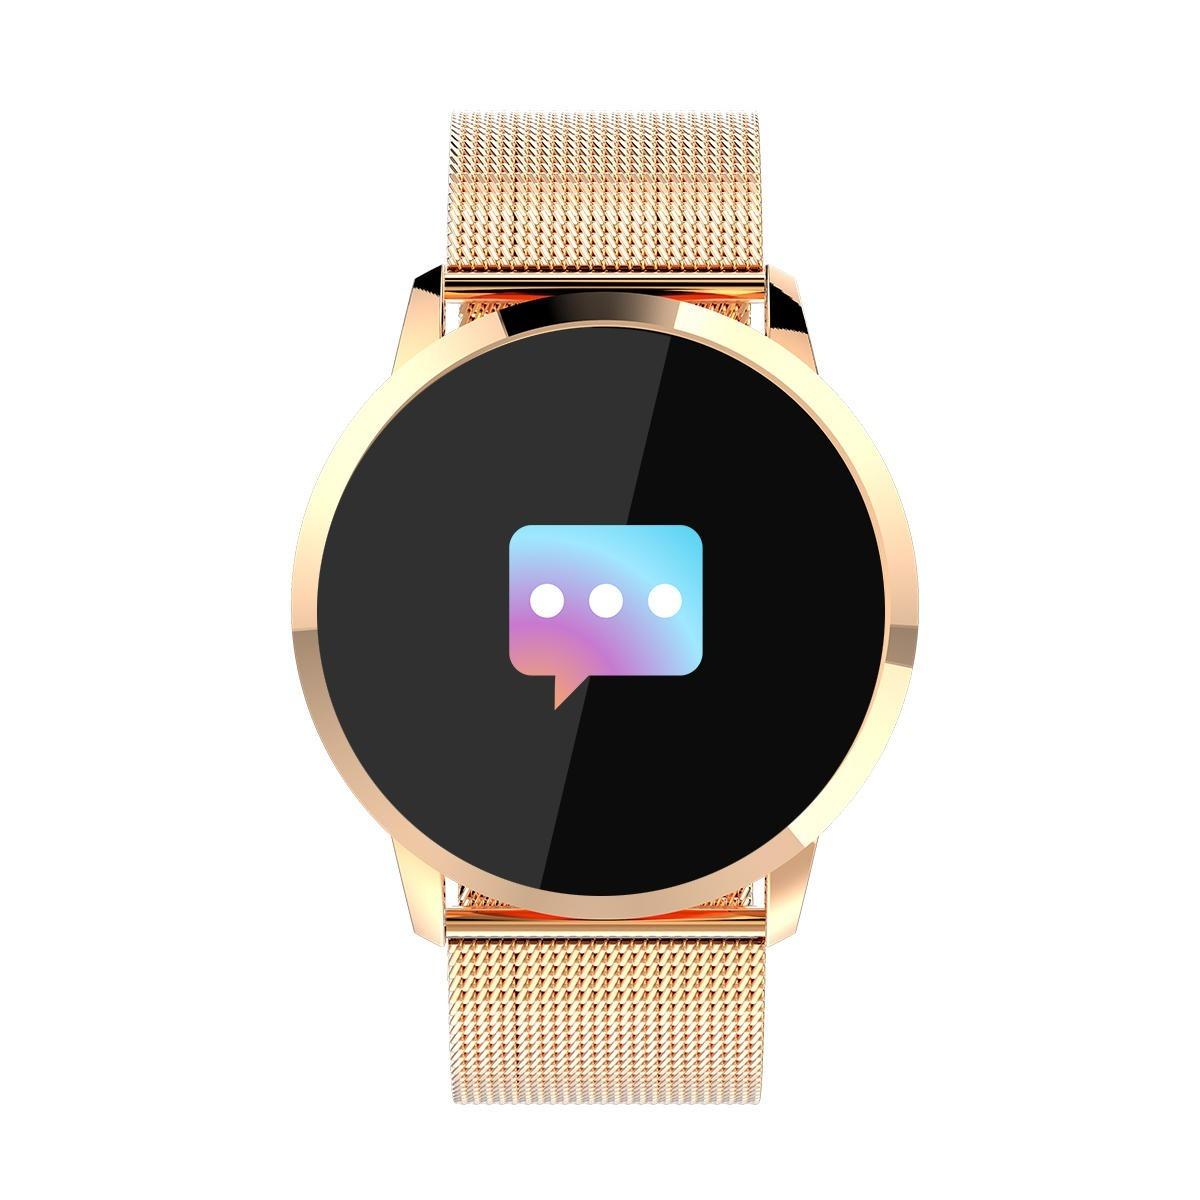 092f5d3e004 relógio inteligente smartwatch newwear q8 tela sensível. Carregando zoom.